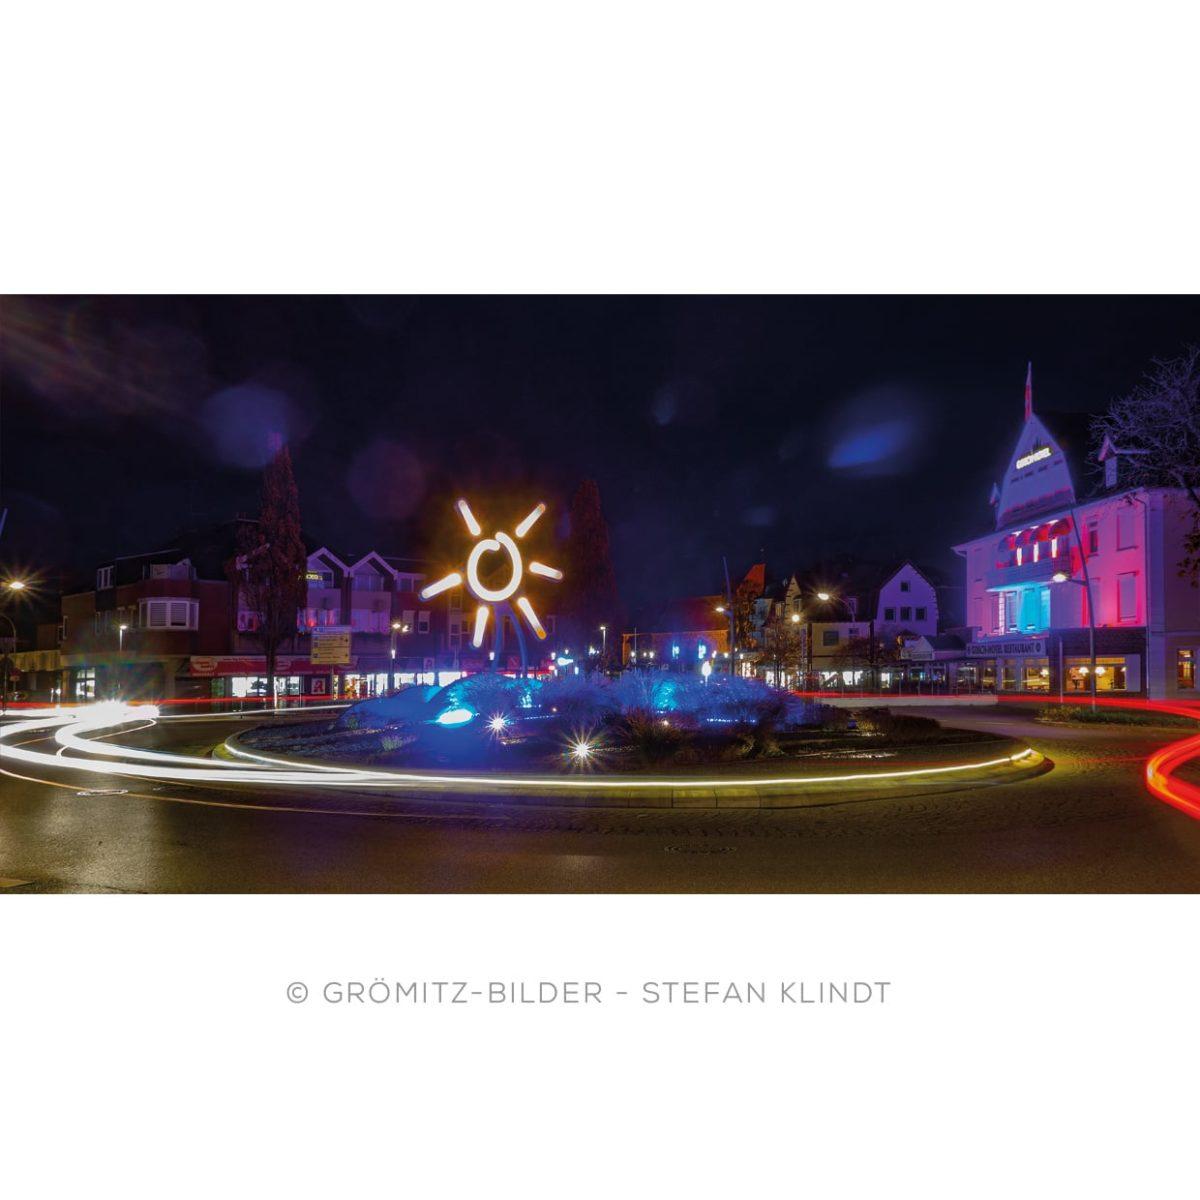 015 Grömitz Bilder - Sonnenkreisel - Grömitzer Winterlichter